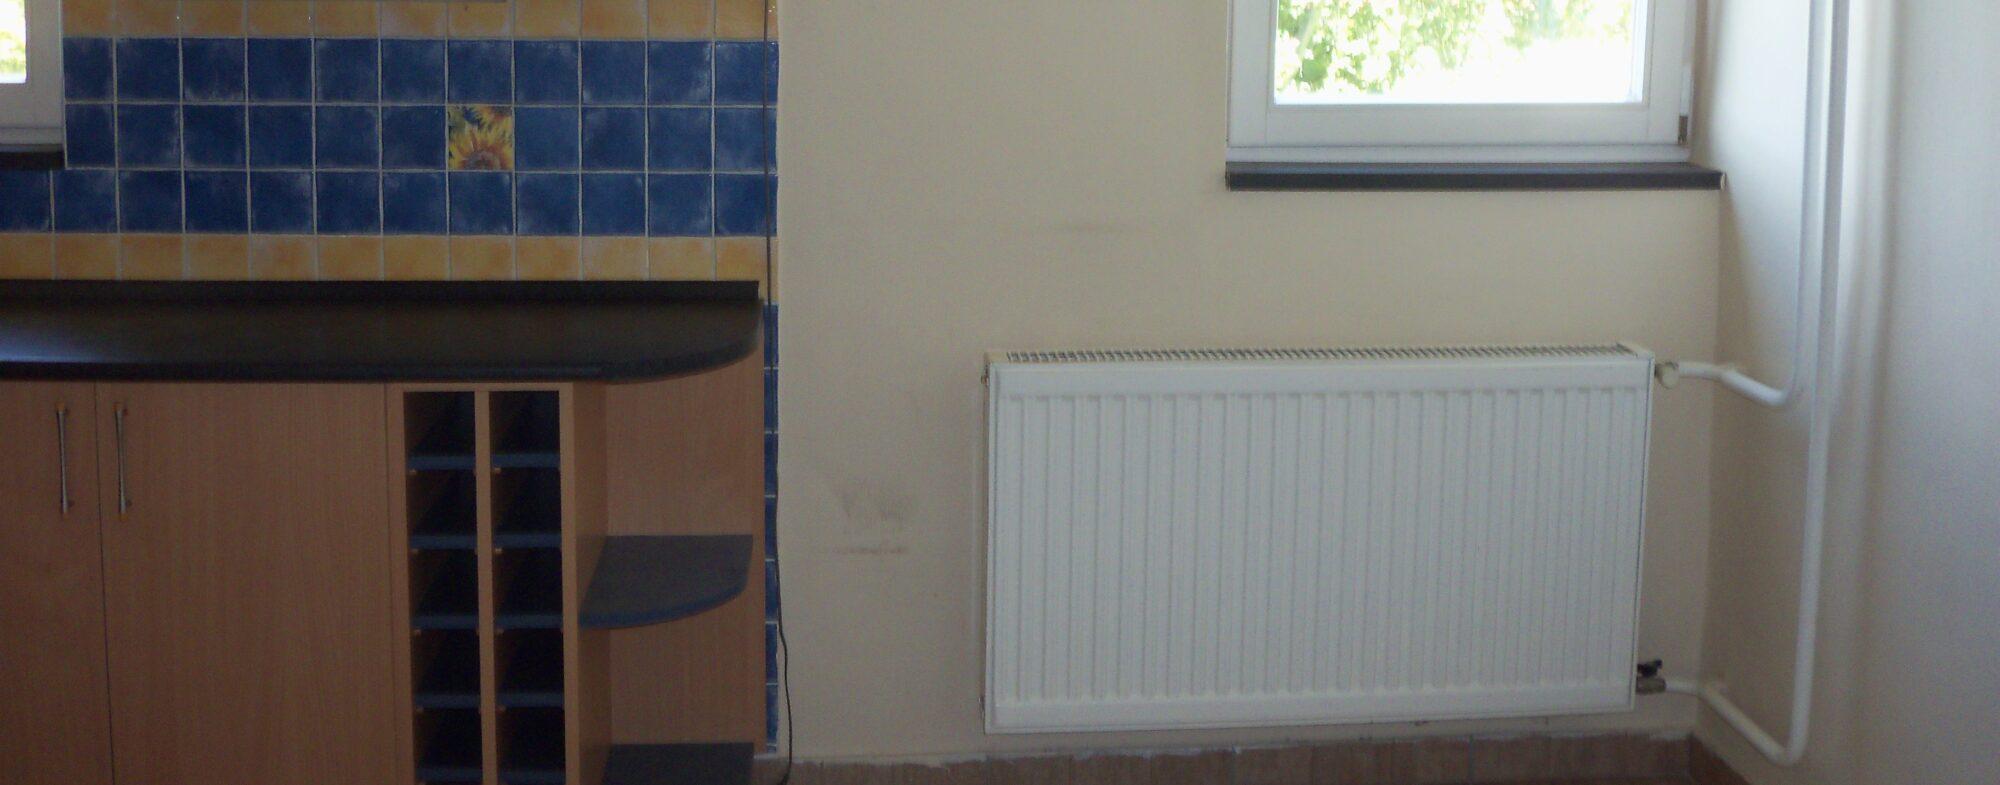 A panel lakások  radiátorcseréjét bízza szakemberekre. Vásárlás és szerelés egy helyen.    A radiátor minták  megtekinthetők XV. kerületi irodánkban előre egyeztetett időpontban.  06 30 2011951 Vállaljuk saját fűtésrendszerek gépi átmosásását,  hőkamerás vizsgálattal, vegyszeres kezeléssel.